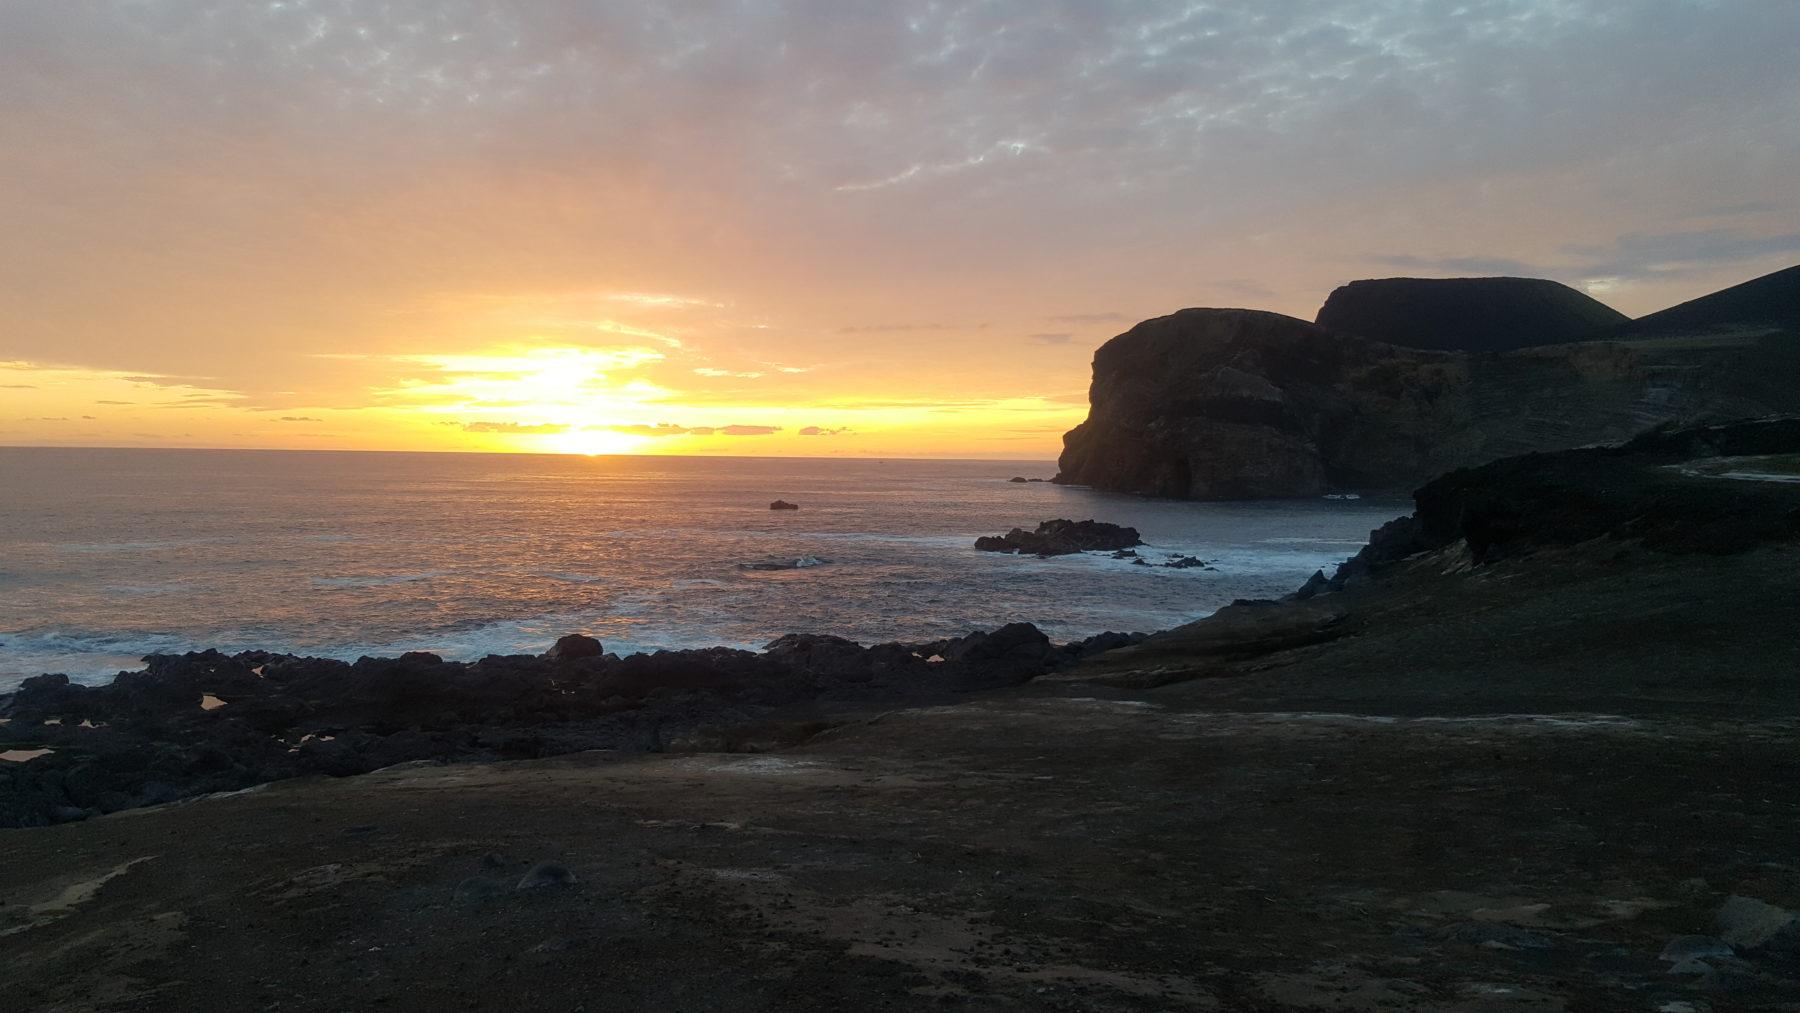 Sunset at faial